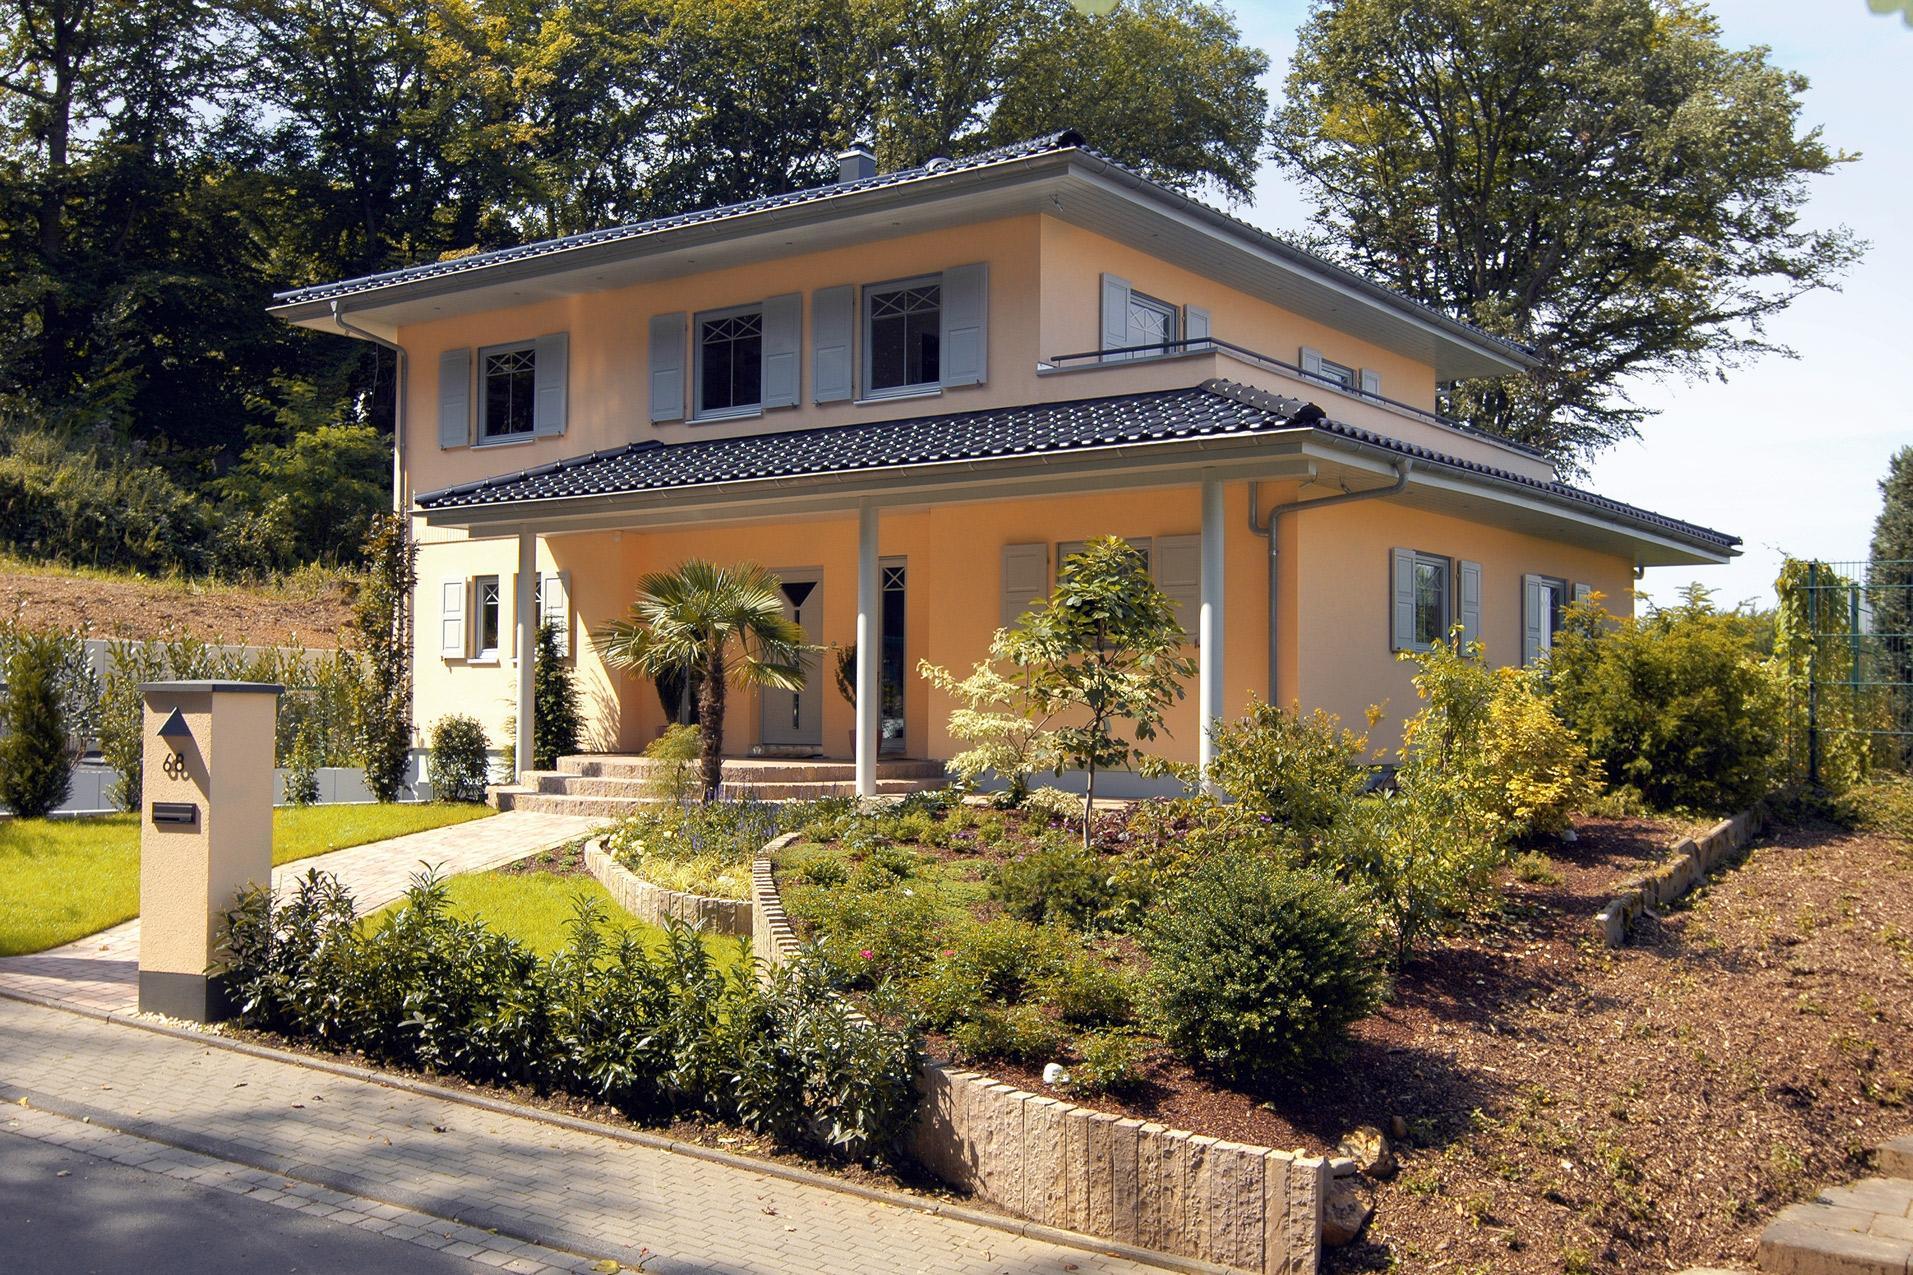 Stadtvilla Landhausstil mediterrane stadtvilla schwörerhaus